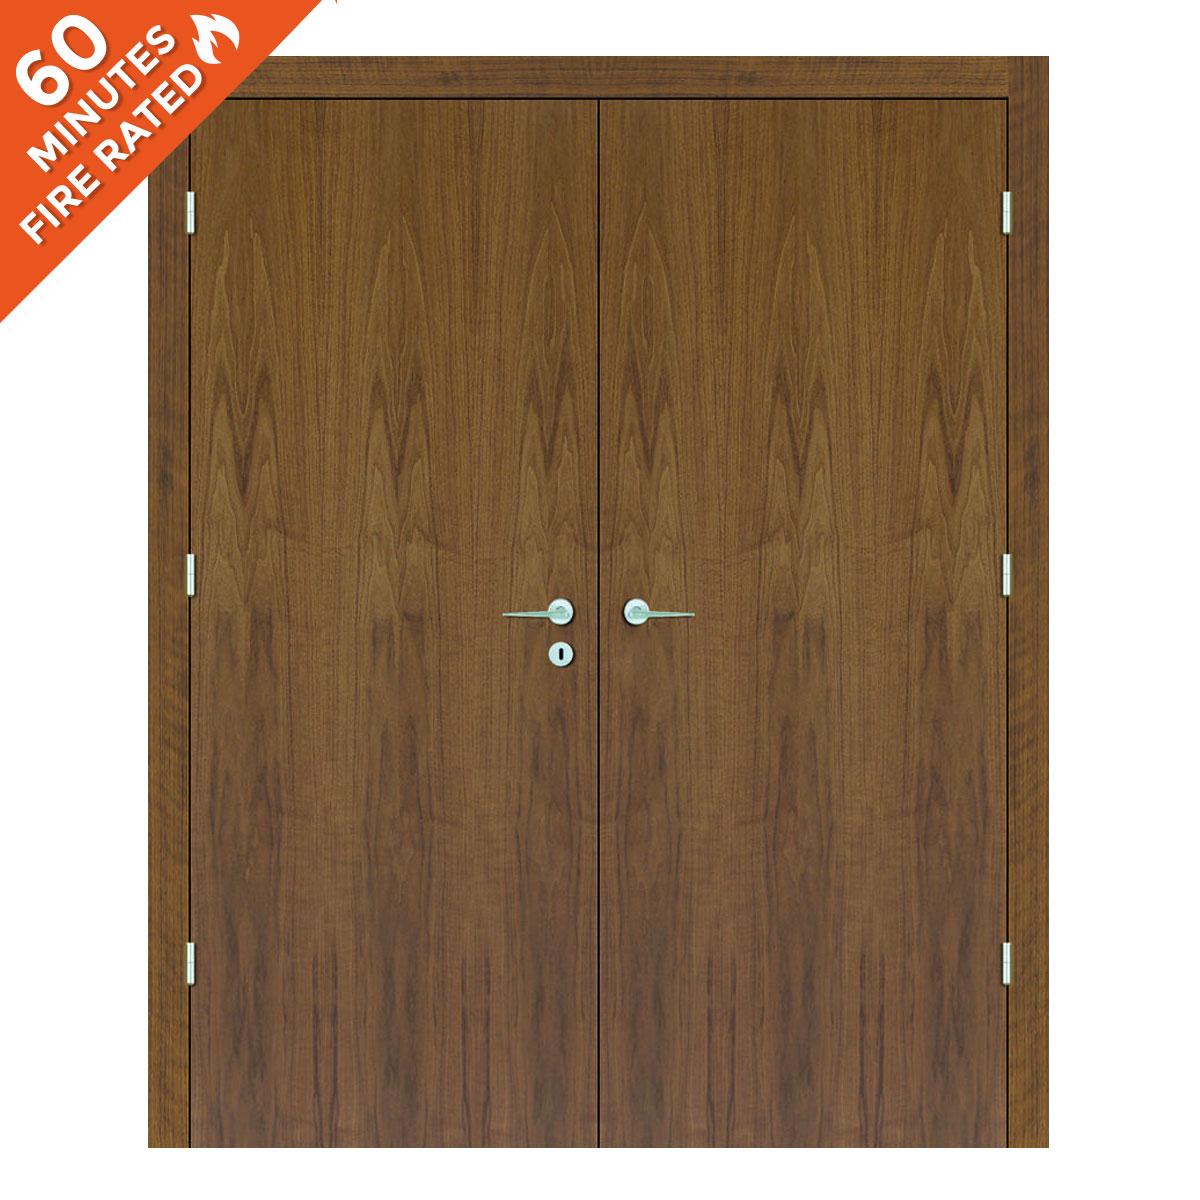 Walnut Double Door FD60